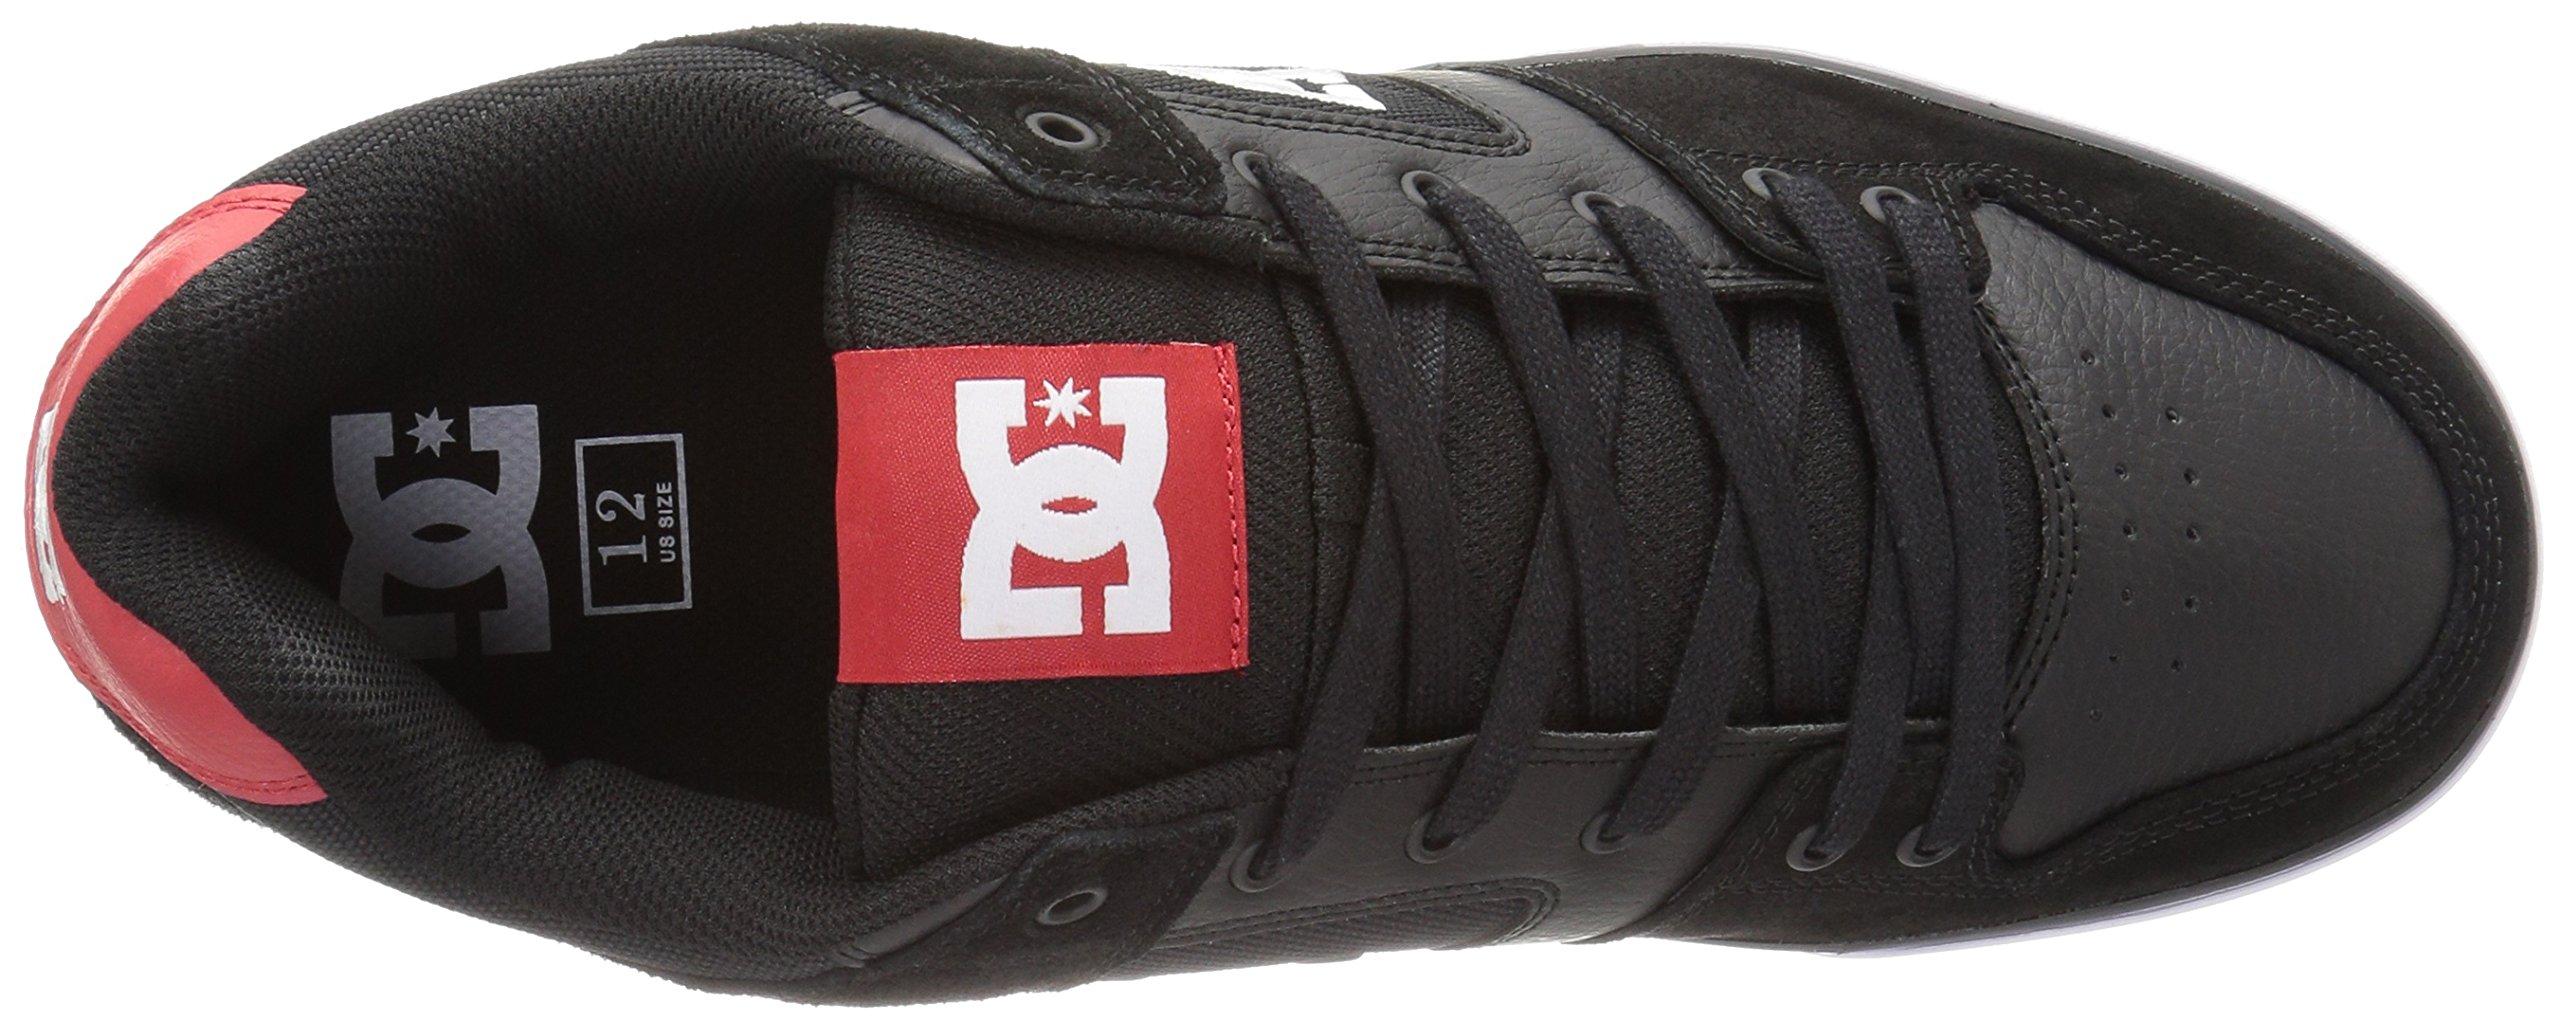 DC Shoes Mens Shoes Pure - Shoes - Men - 9.5 - Black Black/Athletic Red 9.5 by DC (Image #8)